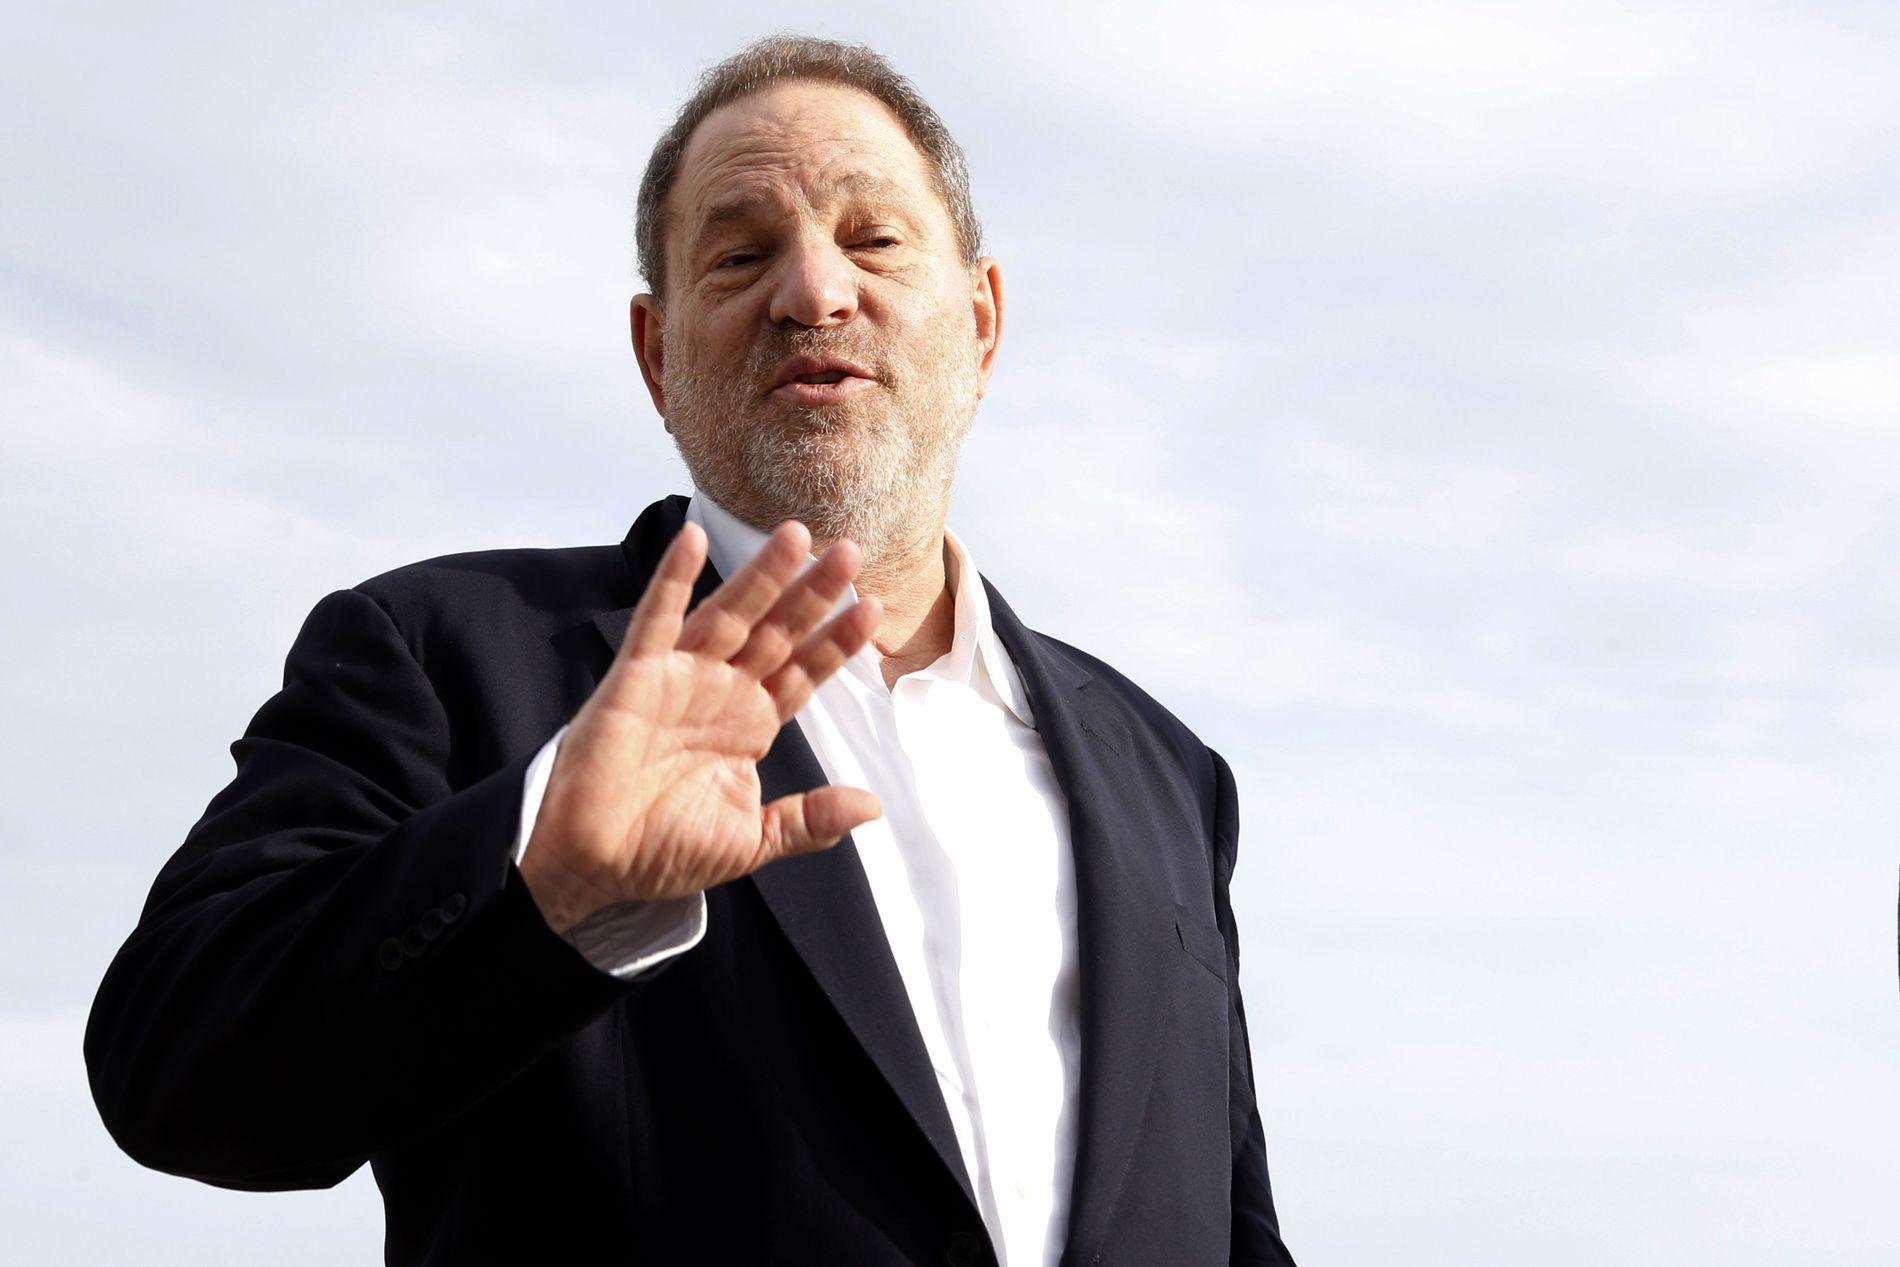 ETTERFORSKES: Politiet i New York gjenopptar en sak mot Hollywood-produsenten Harvey Weinstein fra 2004.